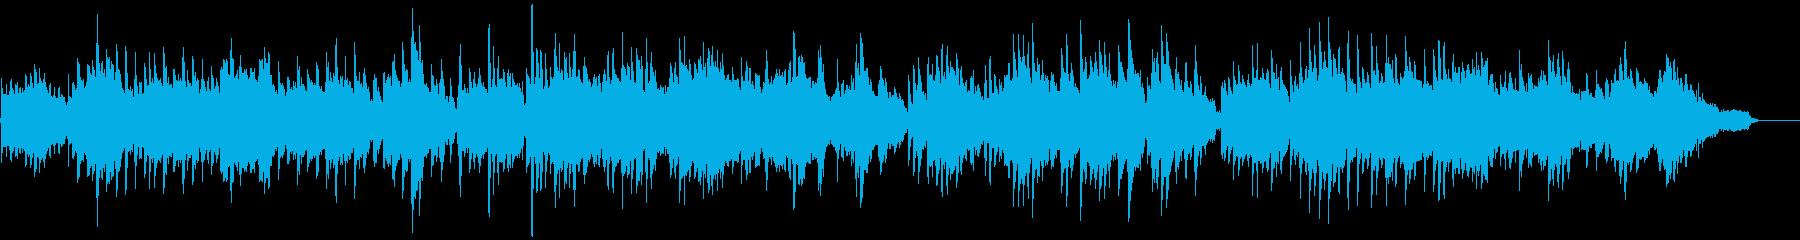 フルートとピアノのシンプルなバラードの再生済みの波形